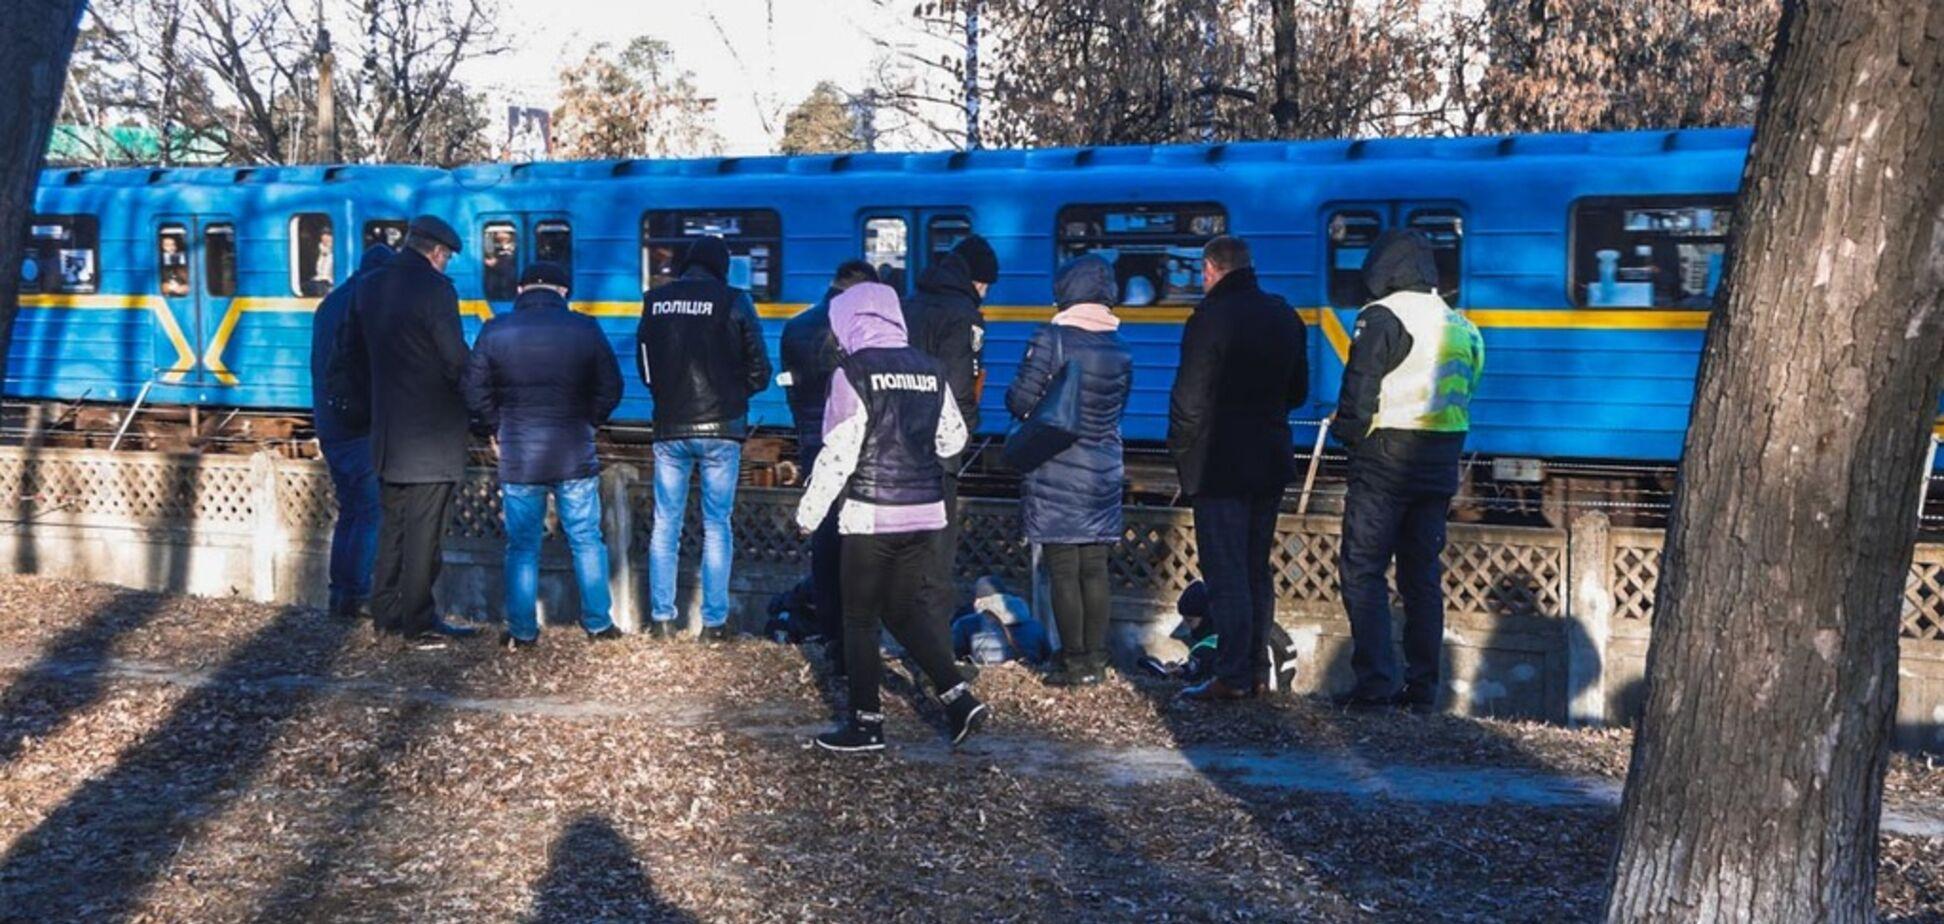 У Києві біля метро знайшли труп голої жінки: відео з місця НП